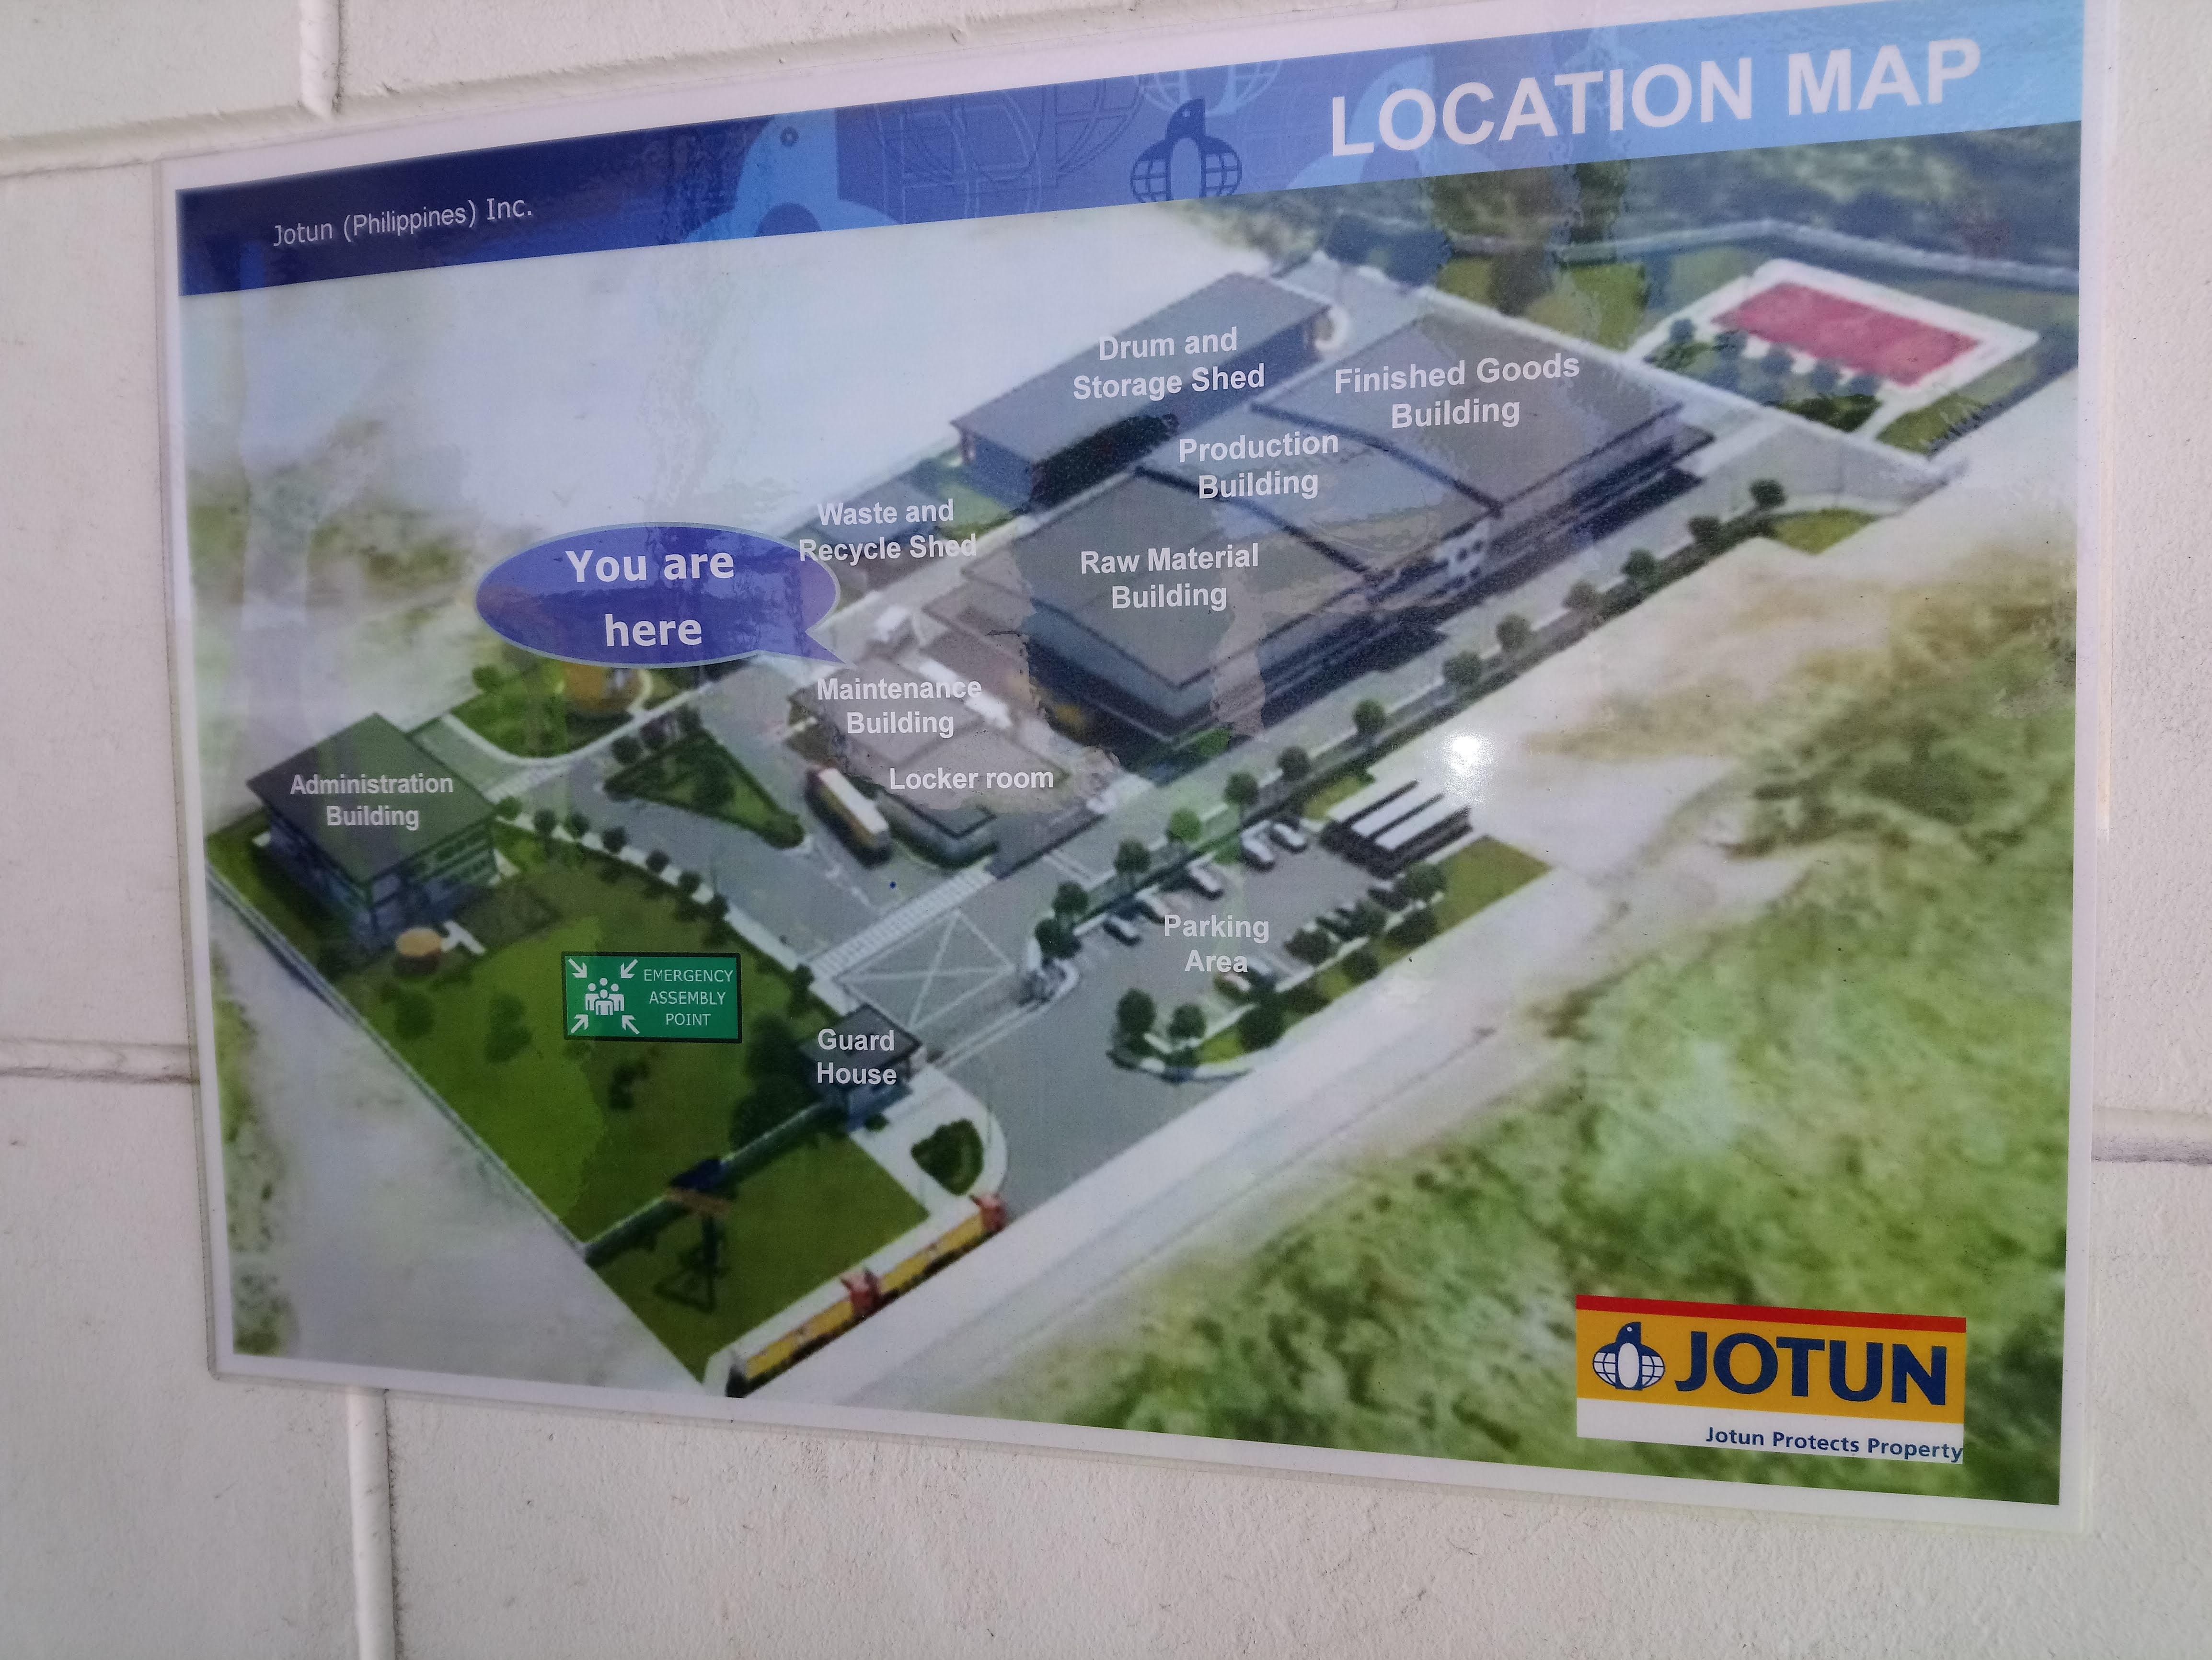 jotun-location-map